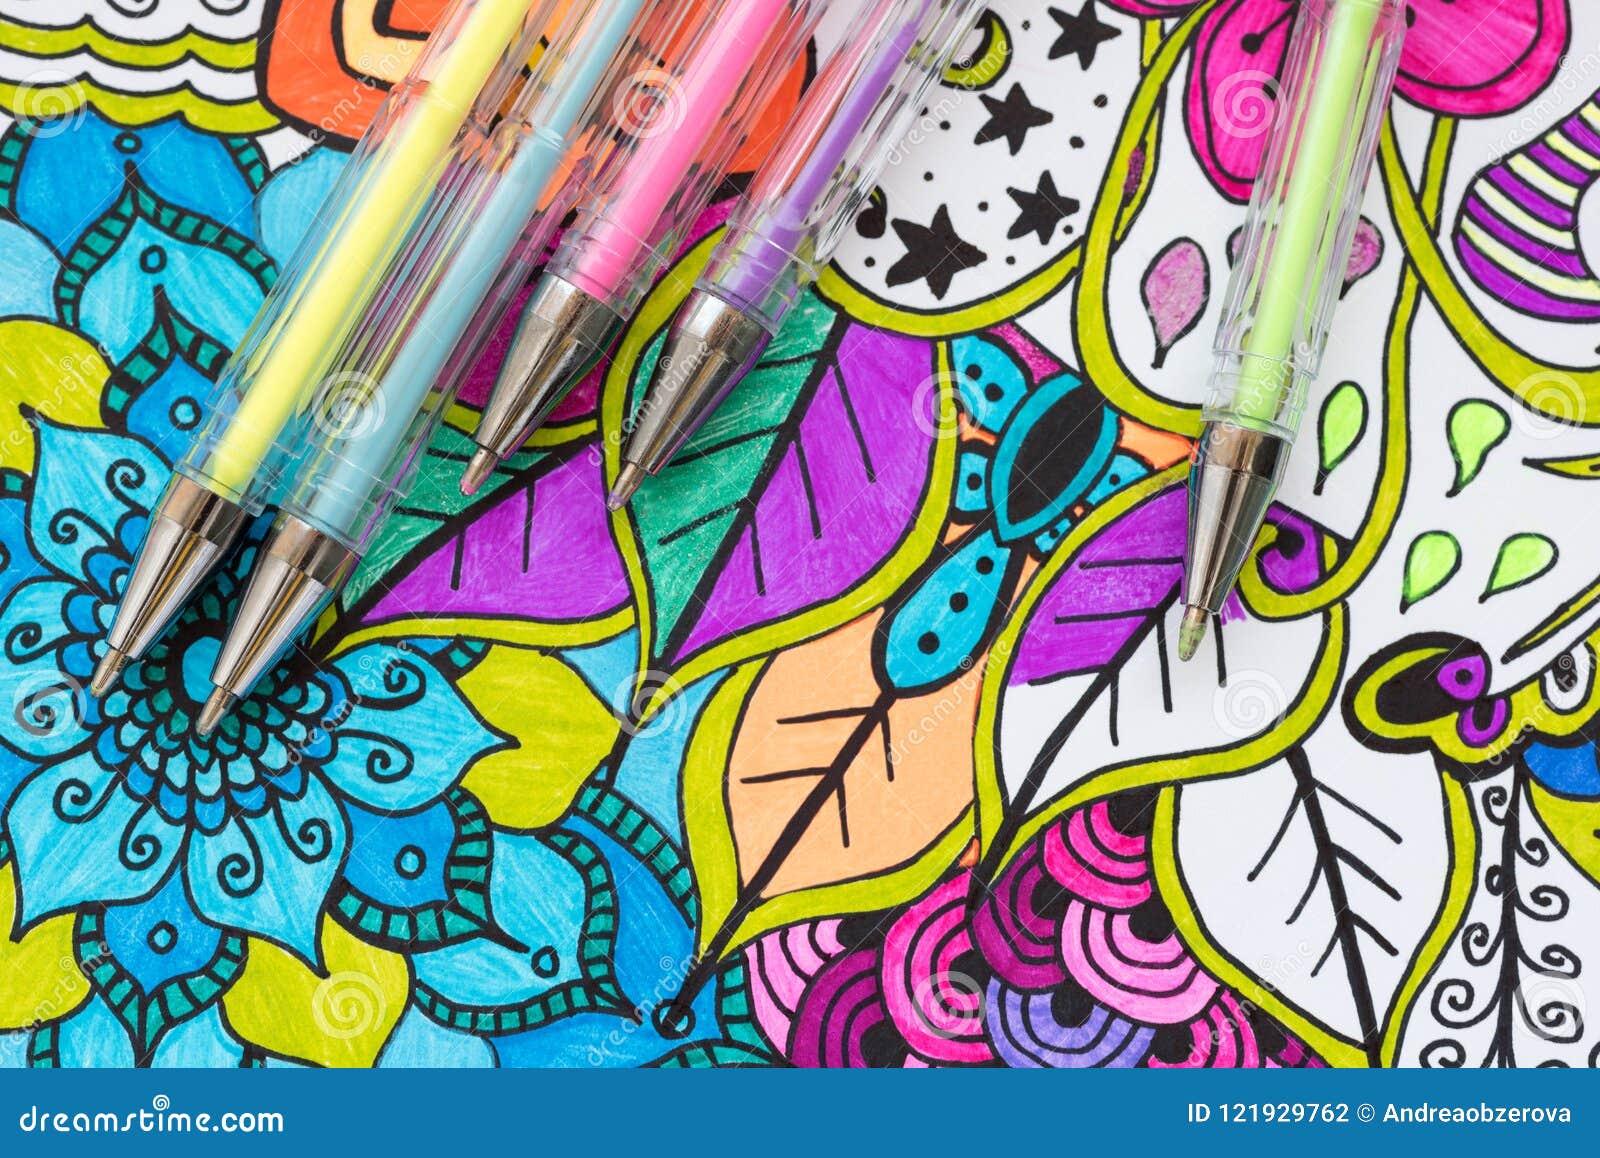 Concetto di terapia, di salute mentale, di creatività e di consapevolezza di arte La pagina adulta di coloritura con pastello ha